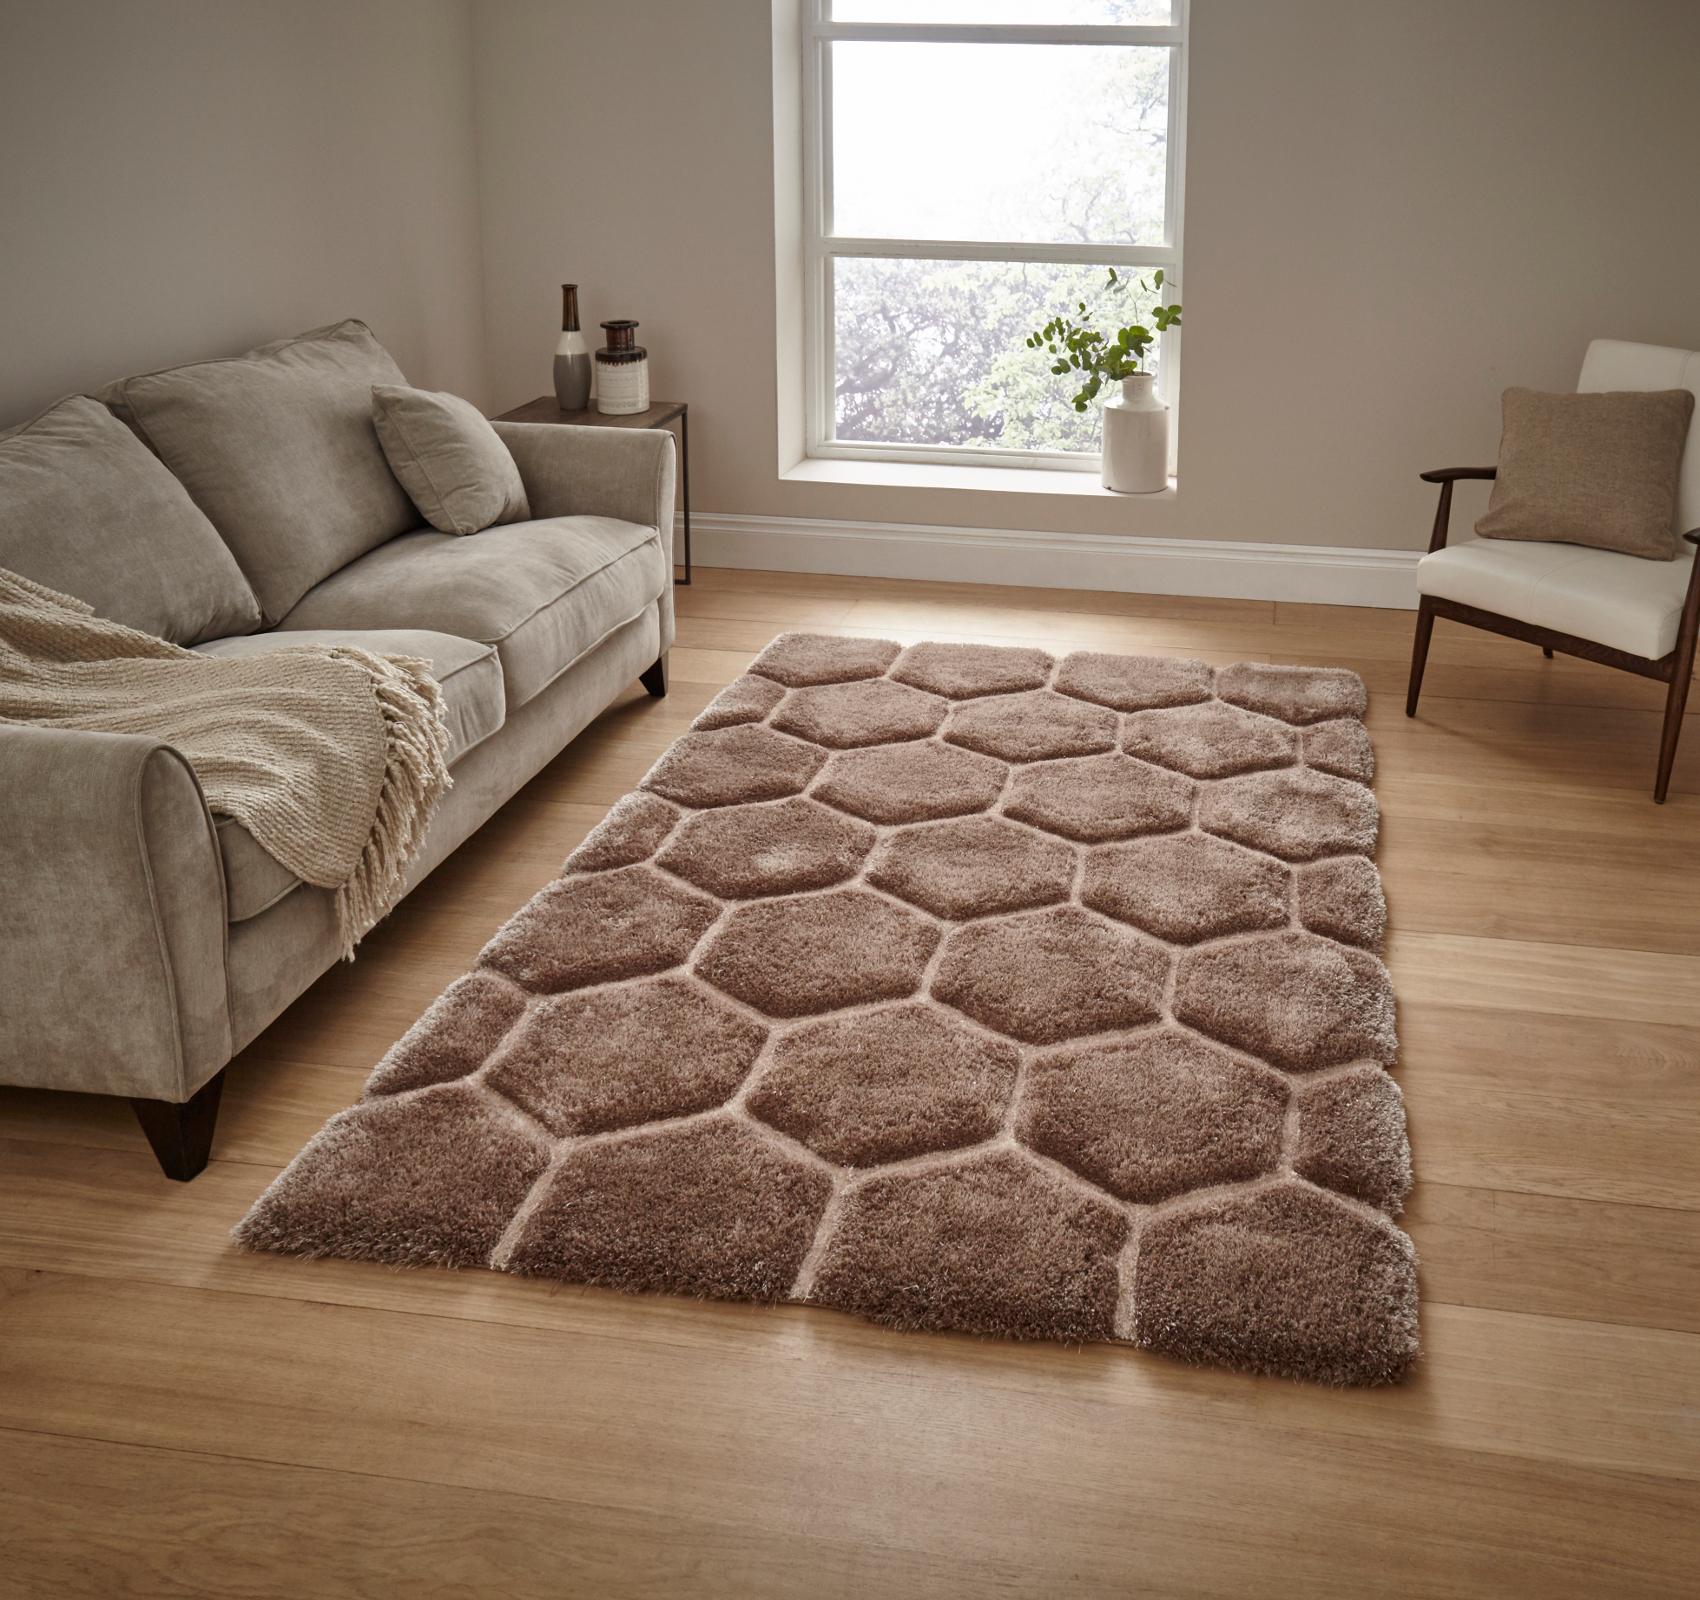 noble house hand carved 3d honeycomb shaggy rug super soft hexagon - Shaggy Rug